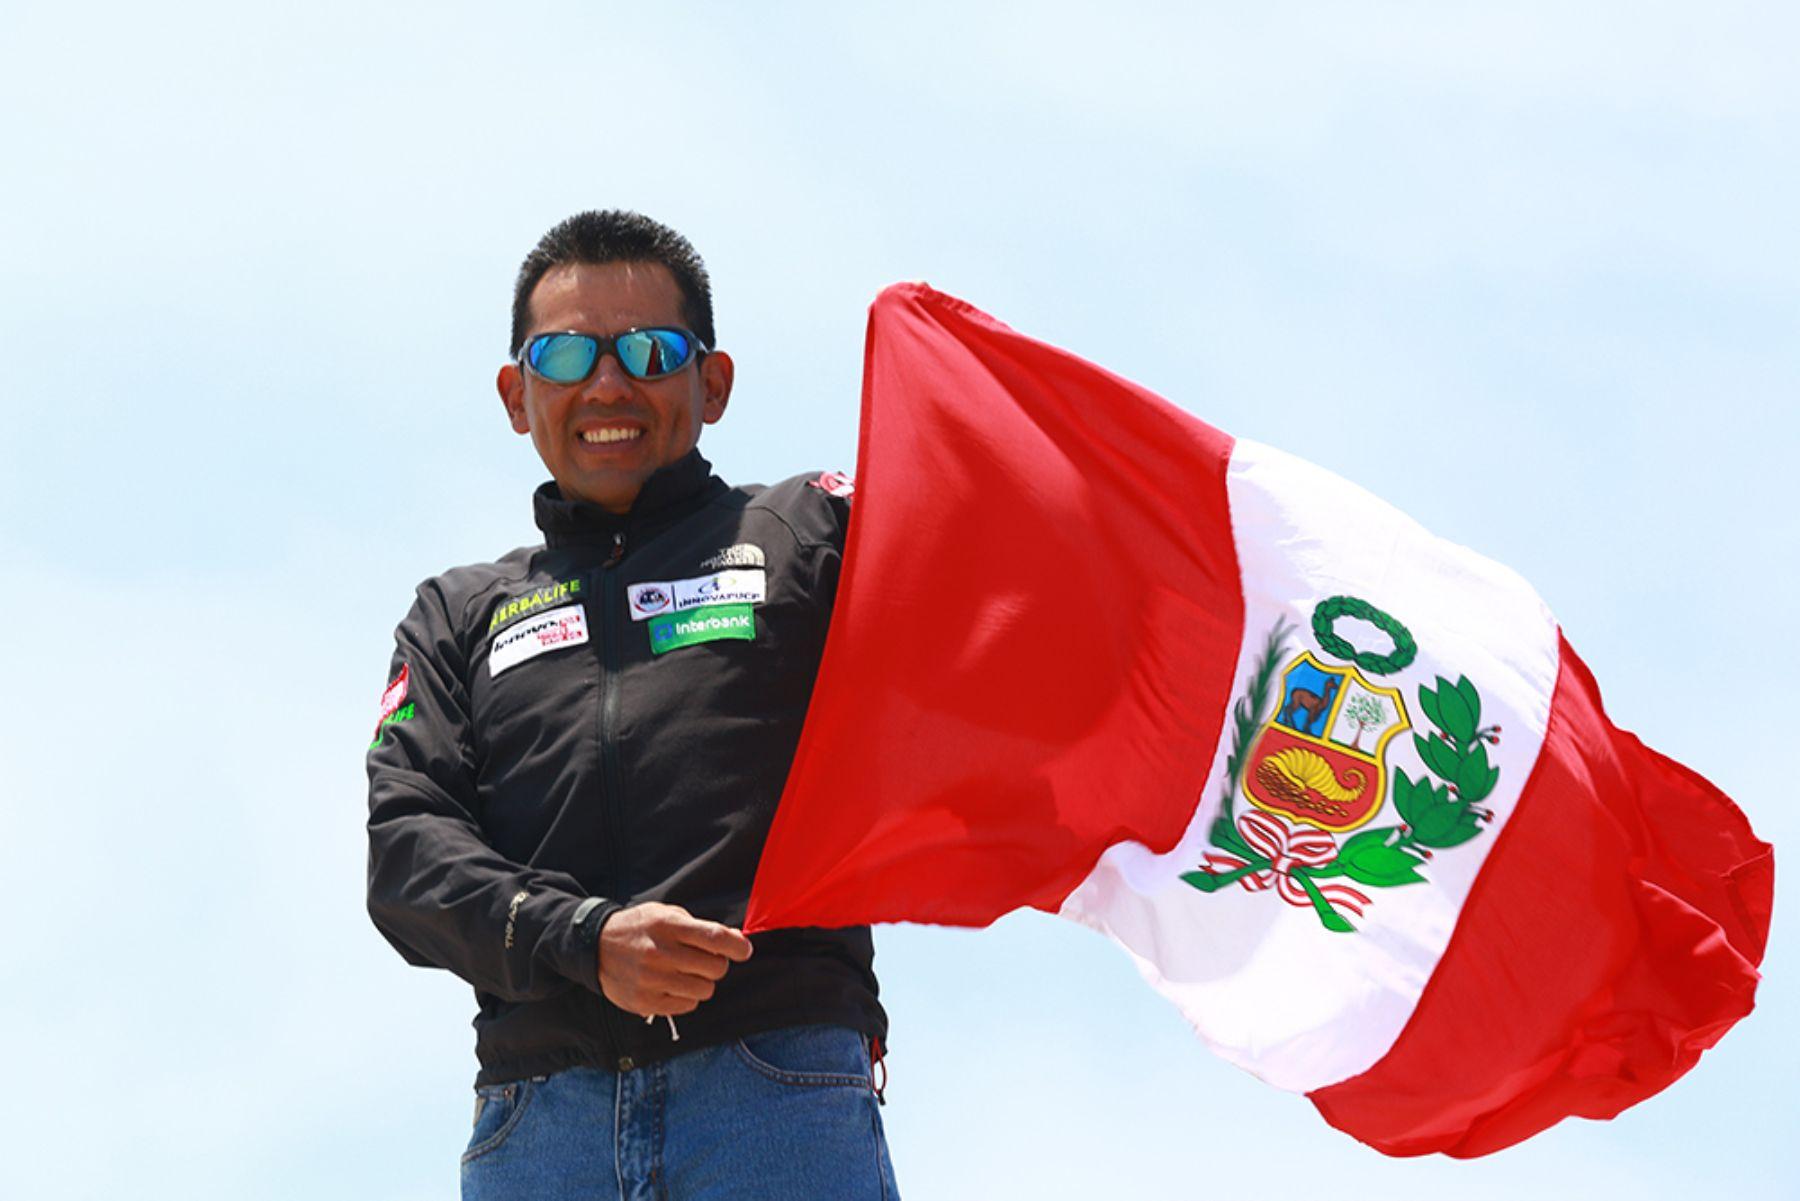 Al parecer Richard Hidalgo falleció mientras dormía en un campamento del monte Makalu, a 6,600 metros sobre el nivel del mar. Foto: a INTERNET/Medios